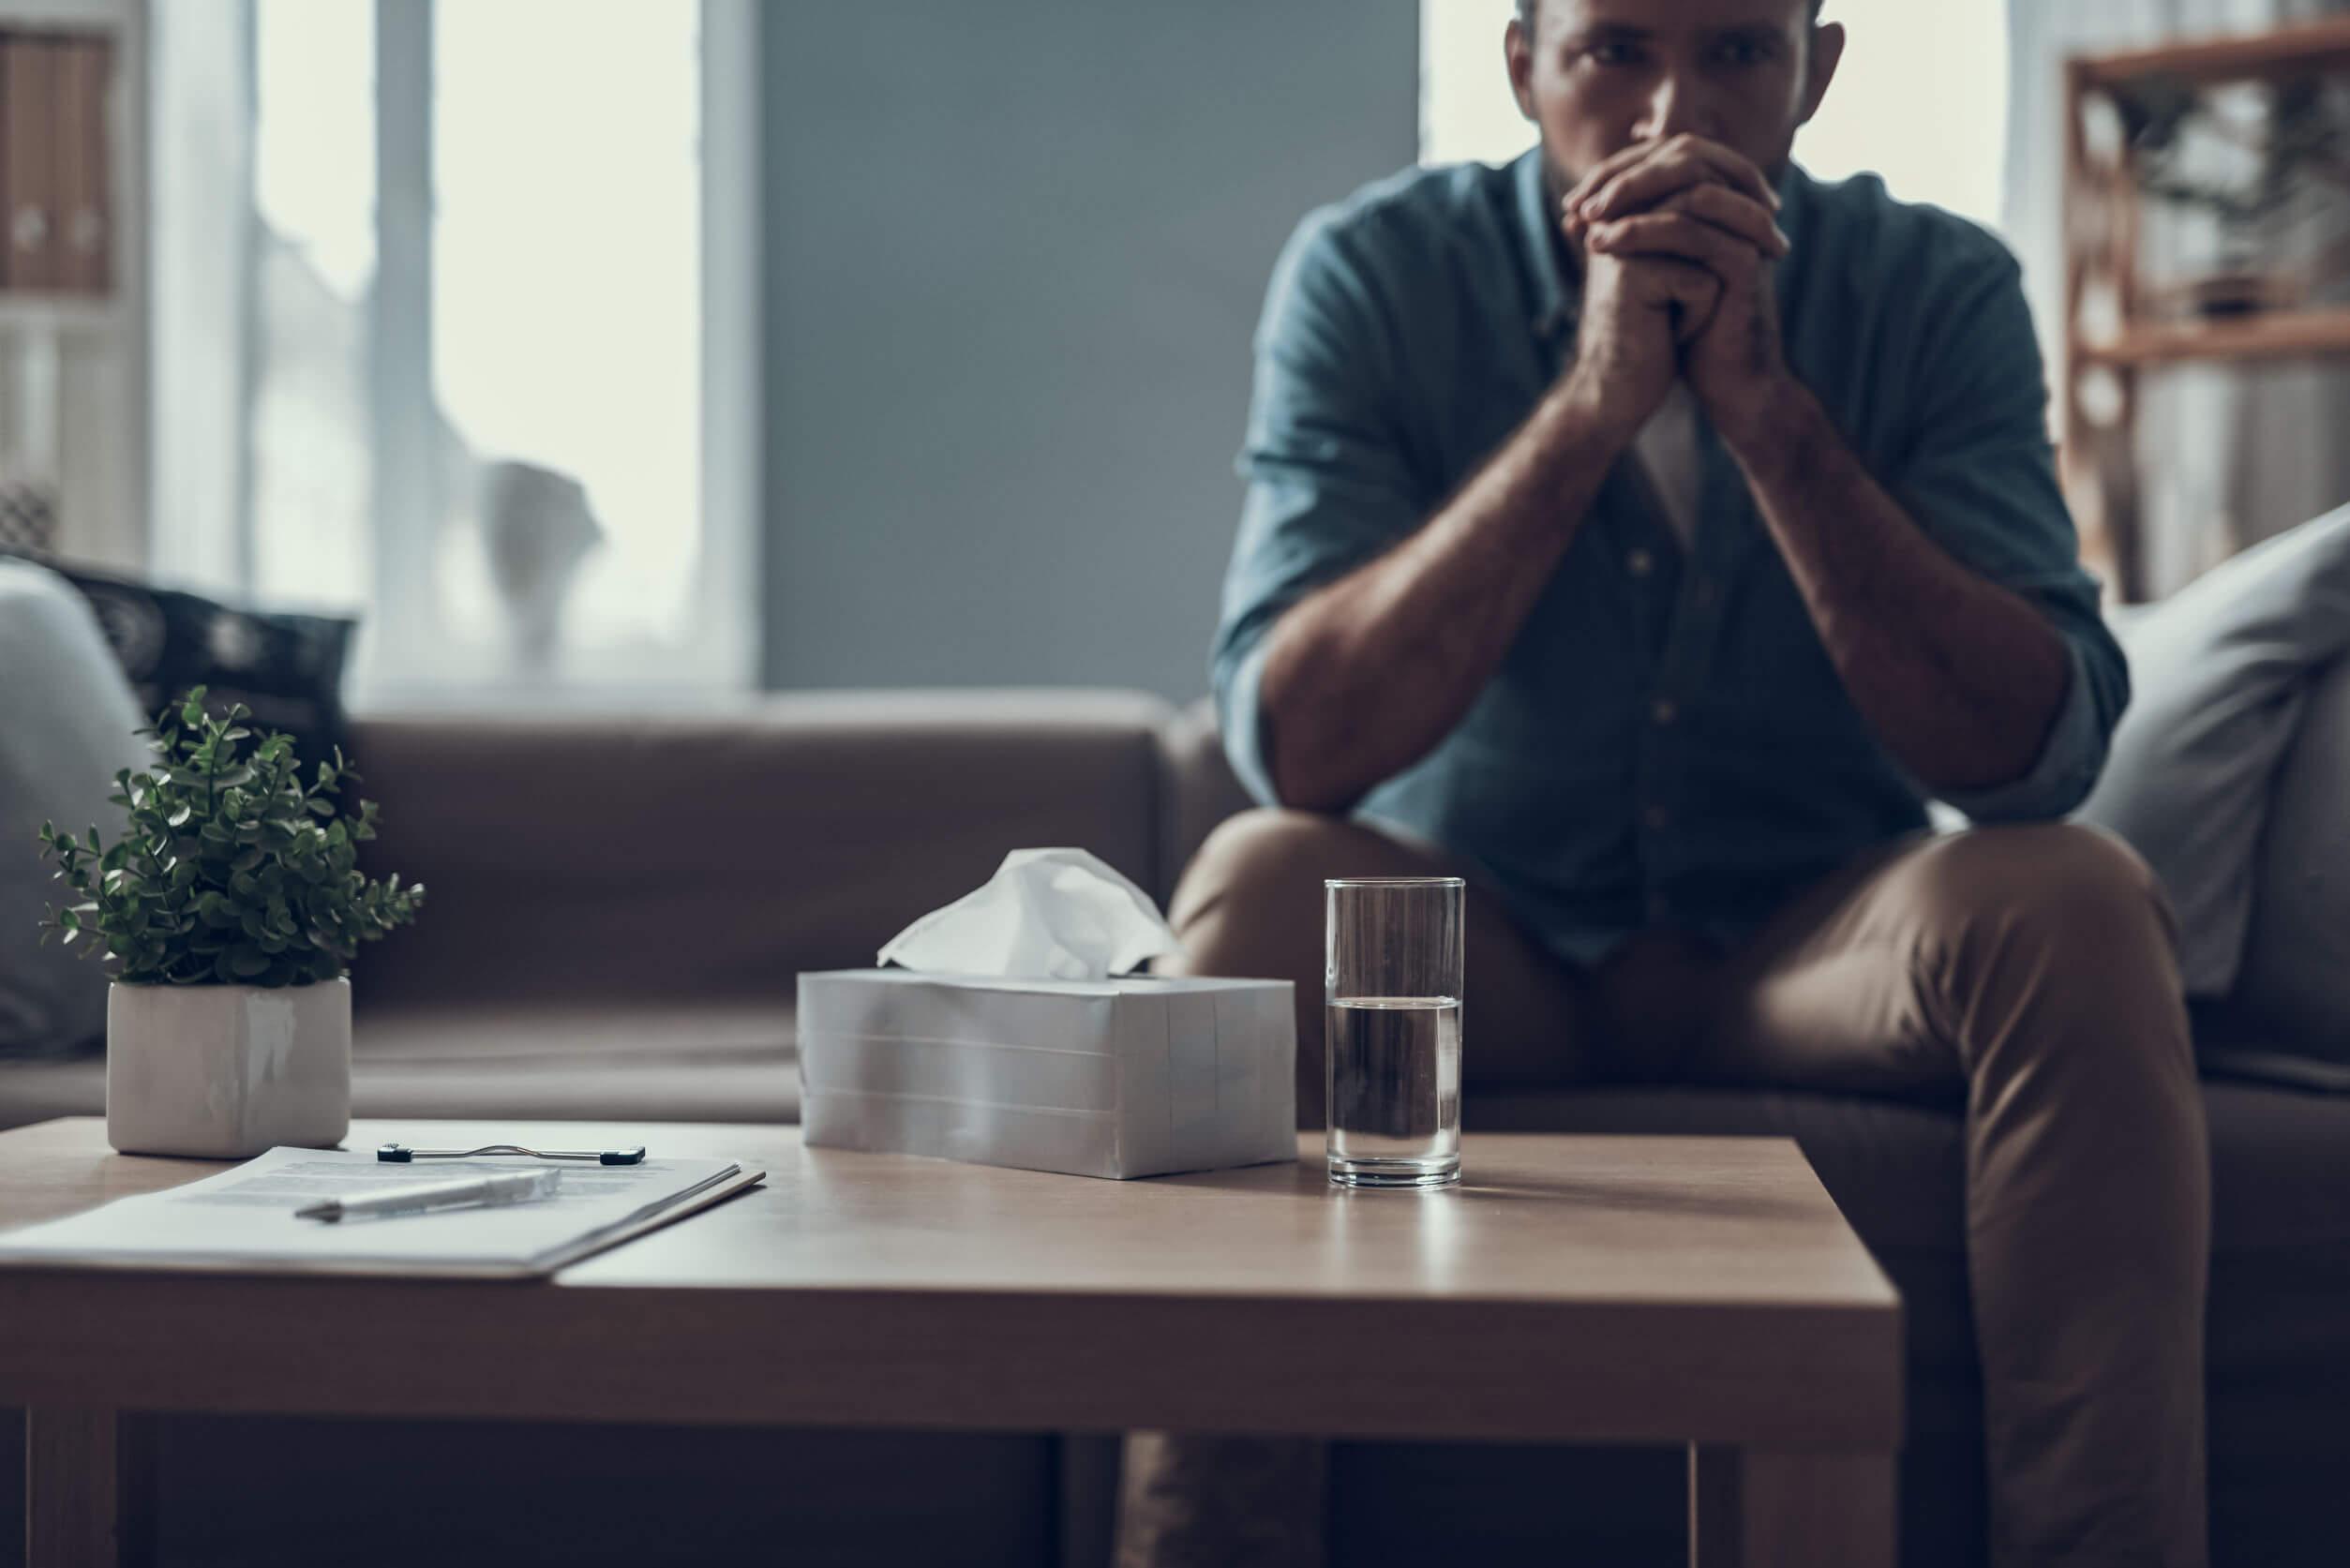 La depresión puede tratarse con la activación conductual.